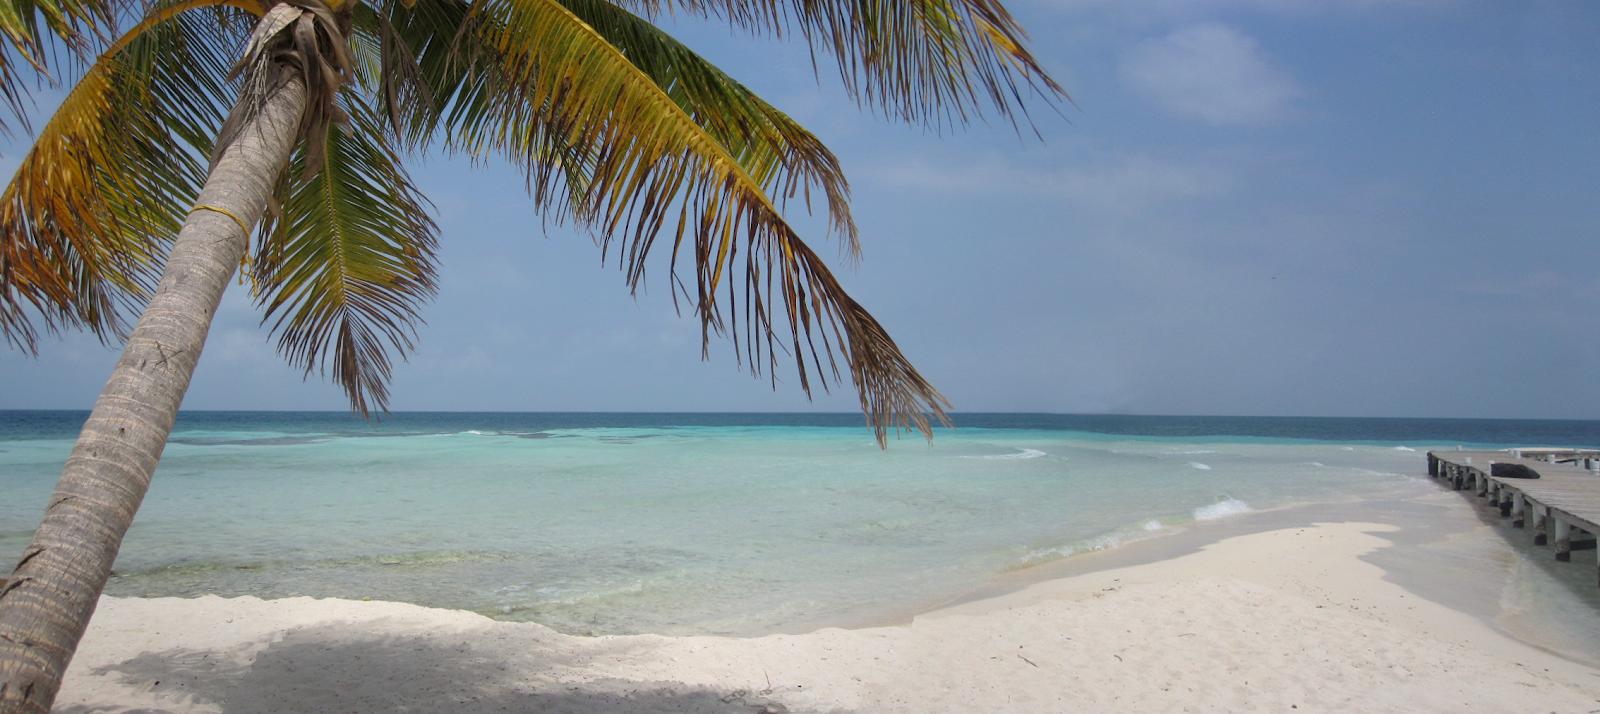 Eclectic a la Mode Belize Caye